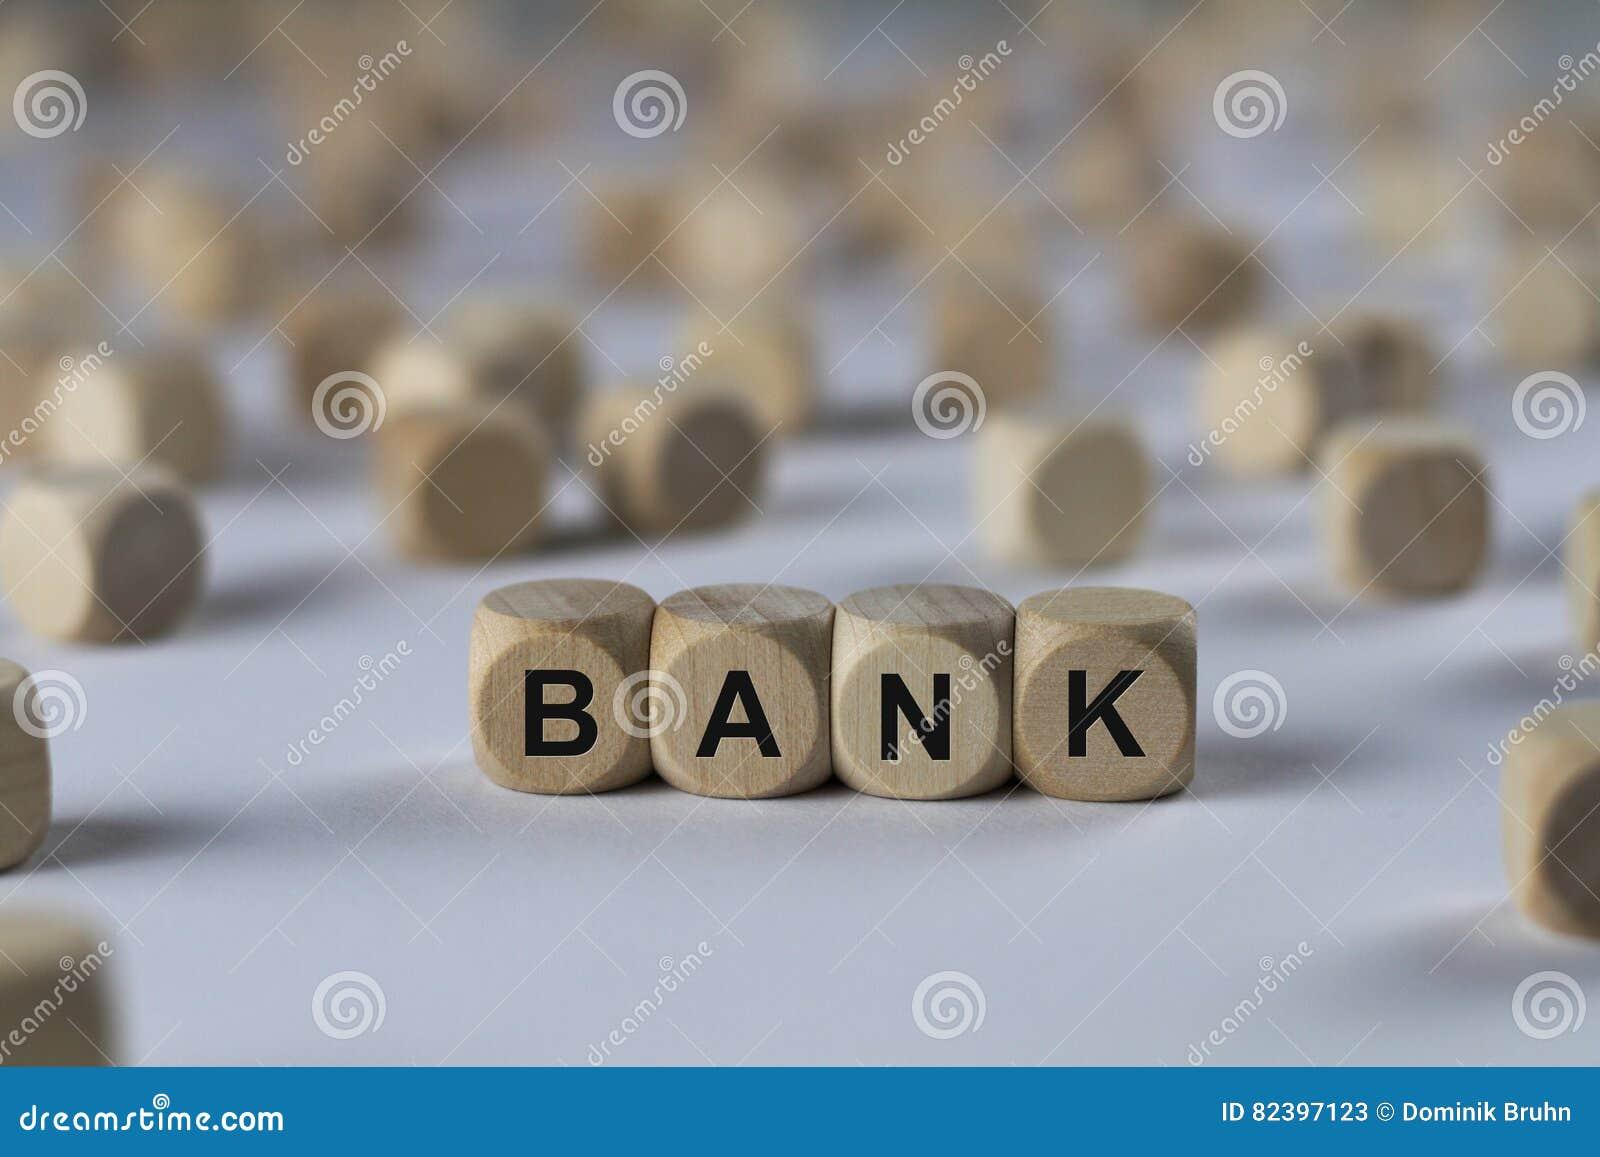 Banque - cube avec des lettres, signe avec les cubes en bois